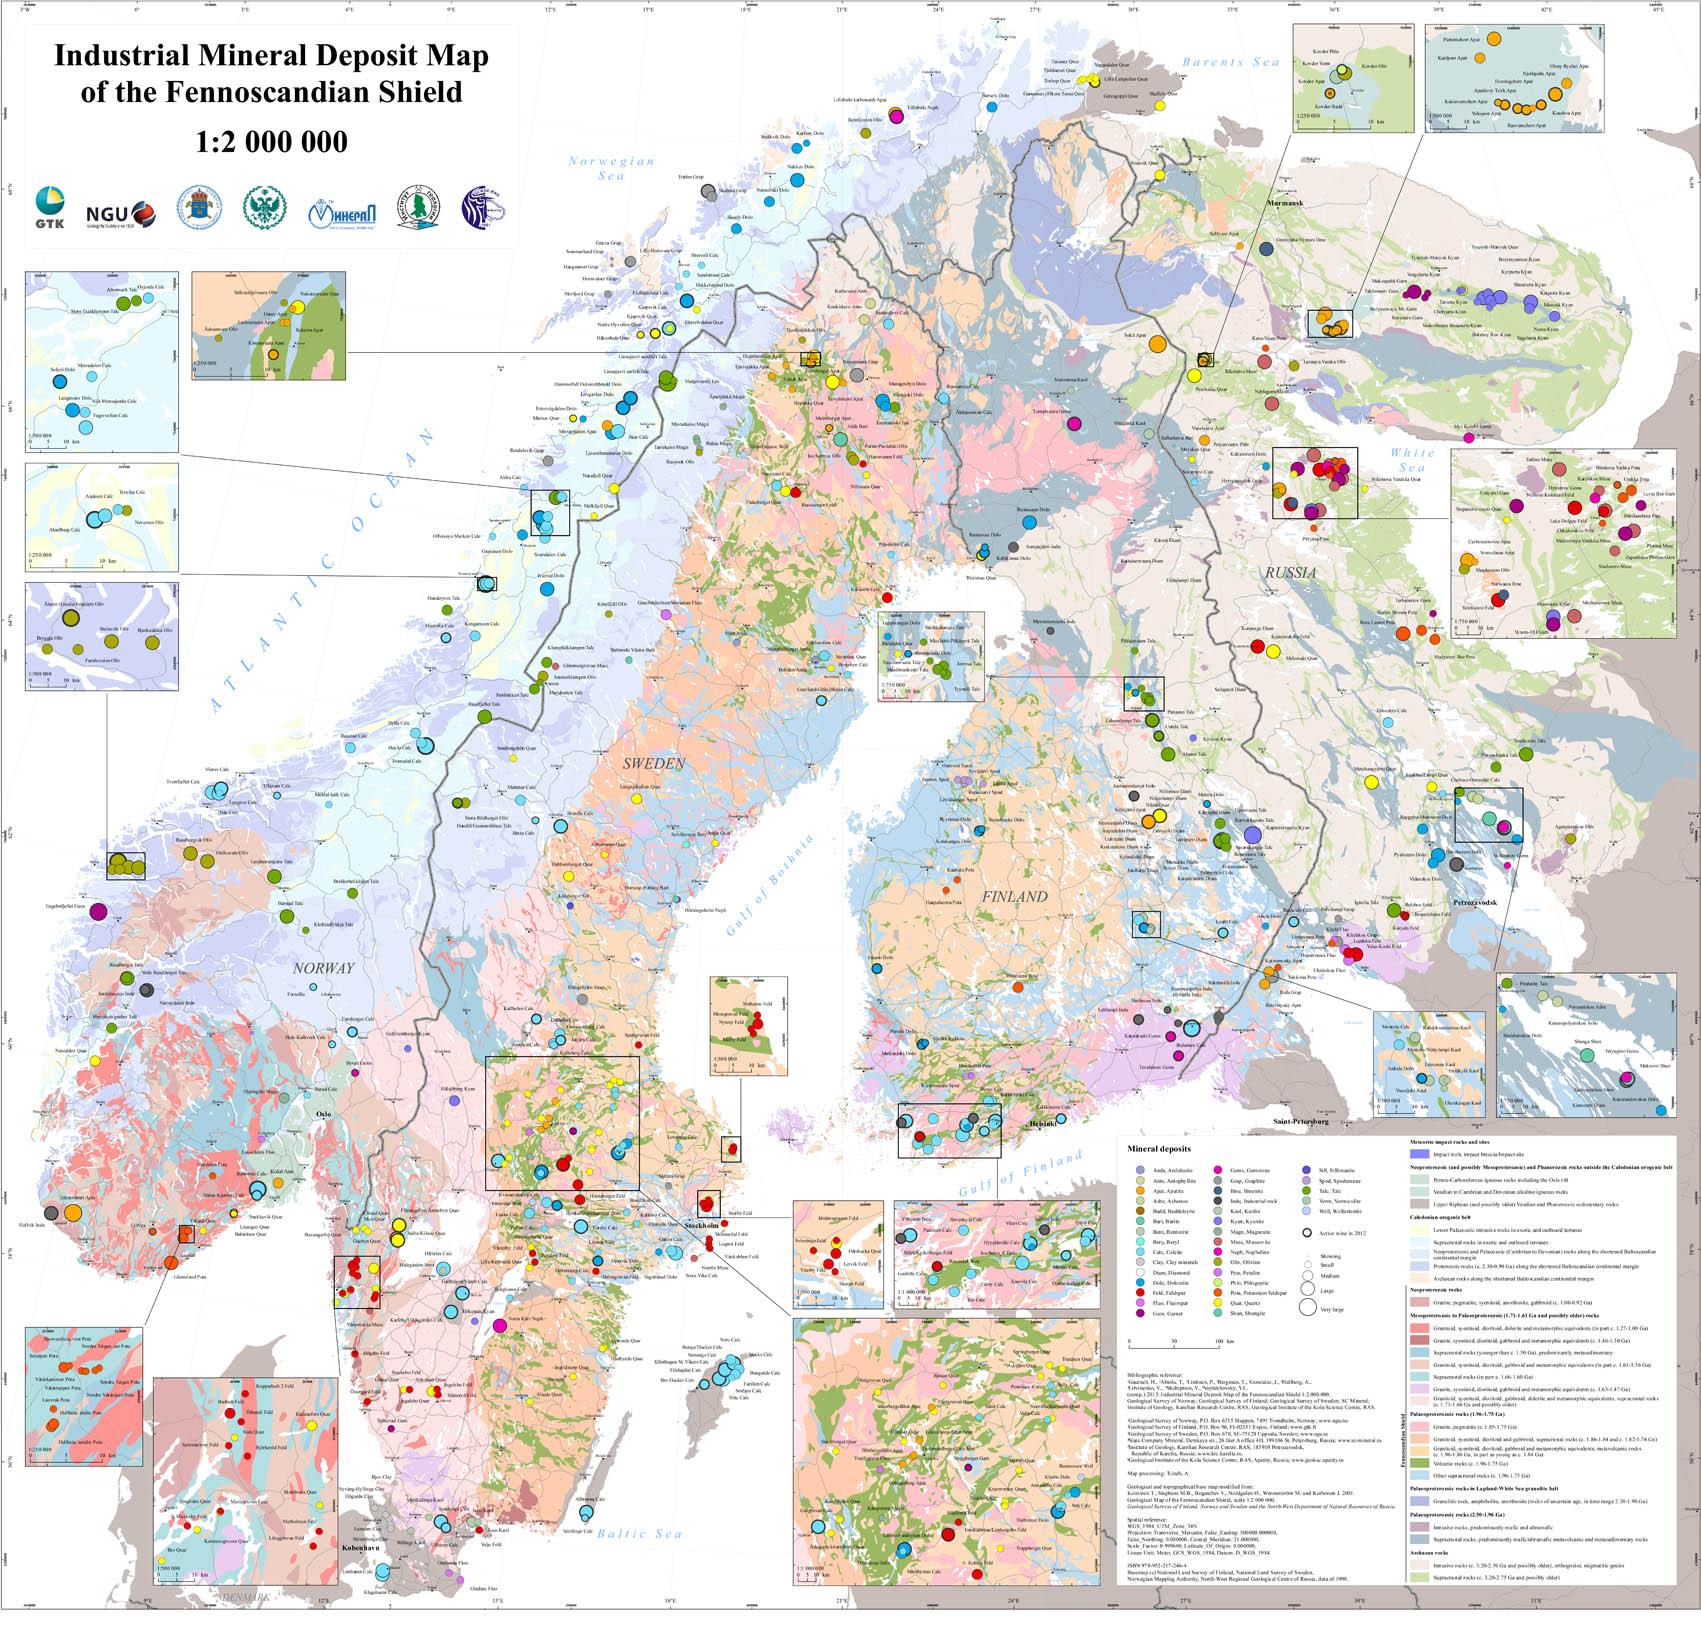 norge kart målestokk Industrimineral samla på eitt kart | Norges geologiske undersøkelse norge kart målestokk